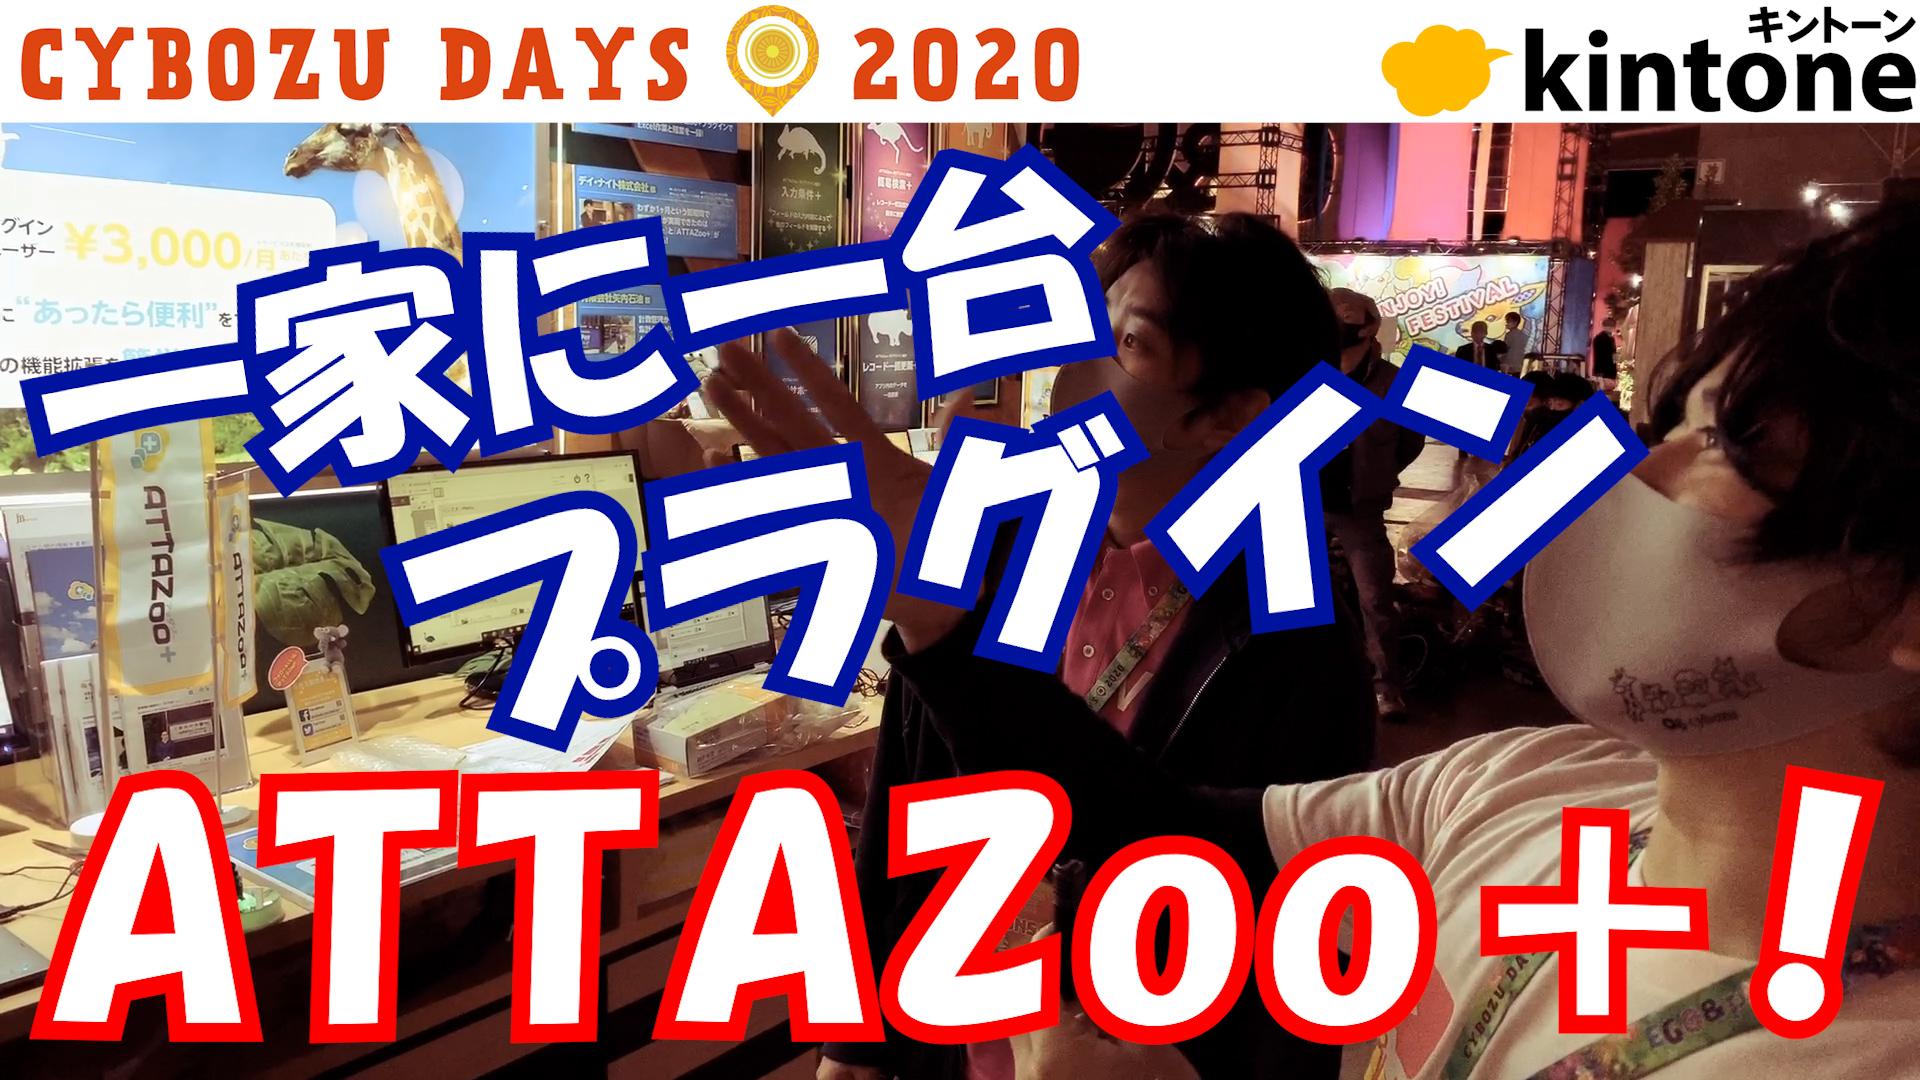 ATTAZoo+アイキャッチ画像